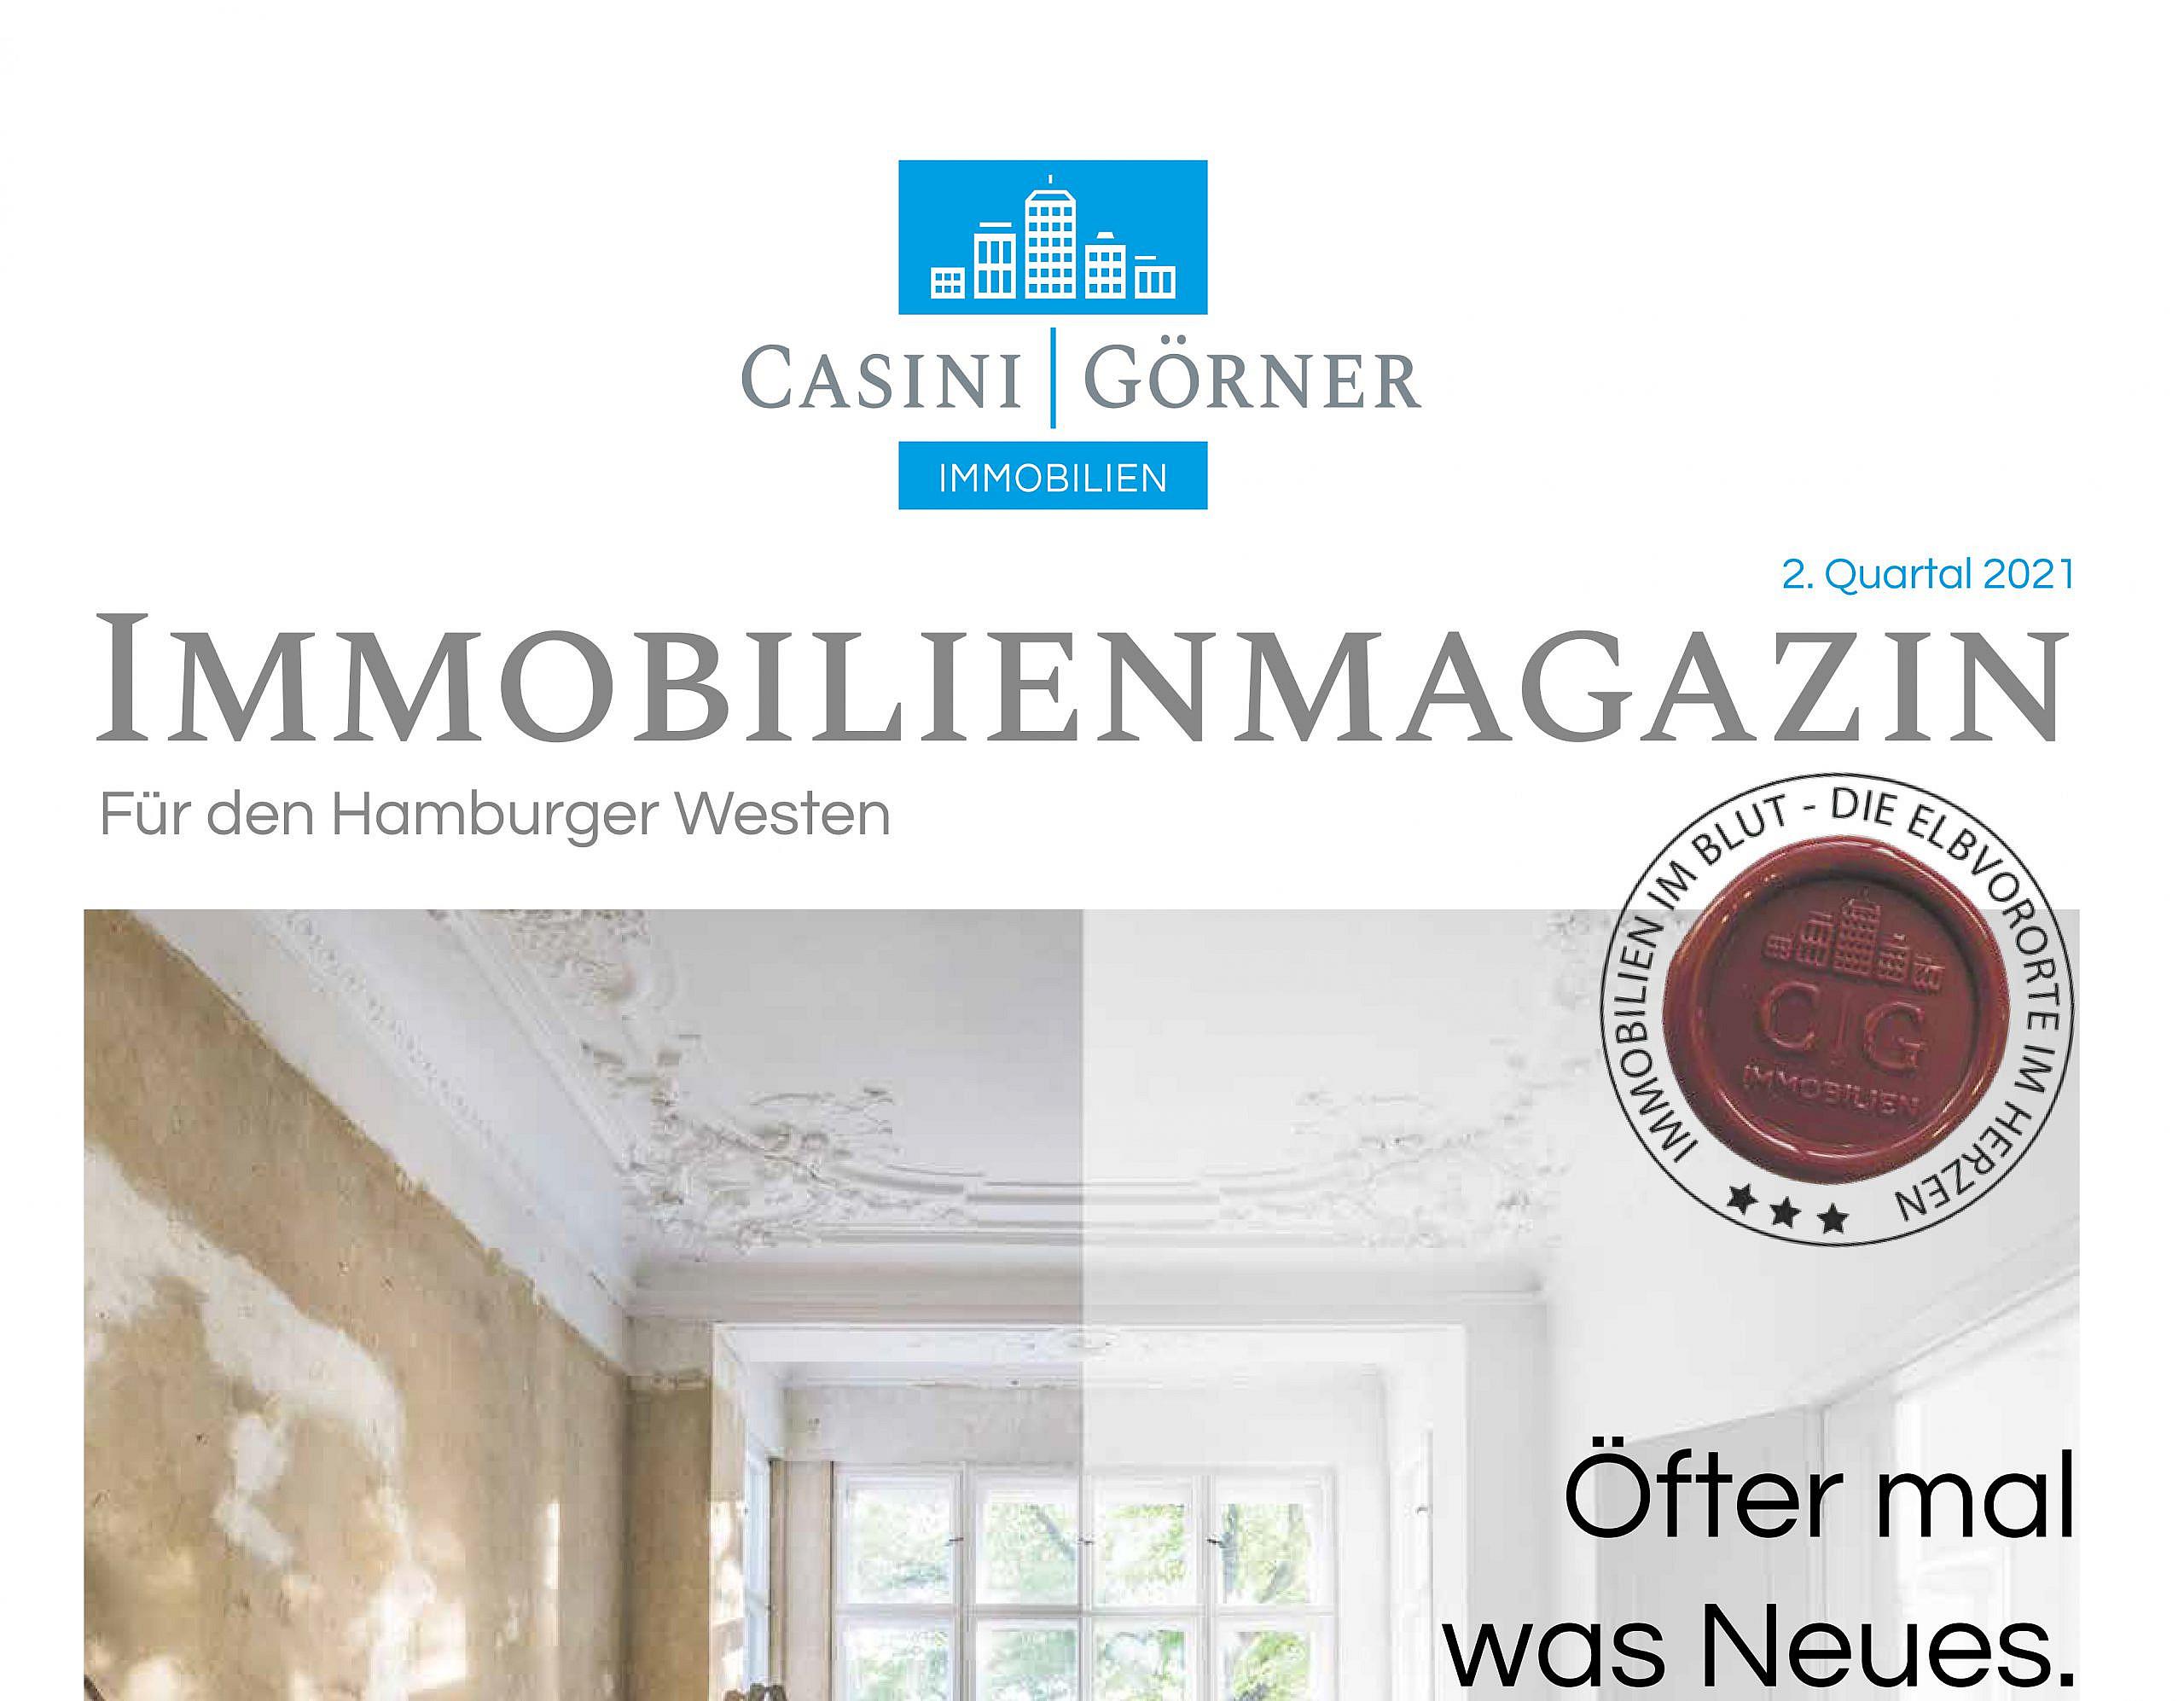 Unsere Immobilienzeitung: Die neue Ausgabe ist da!